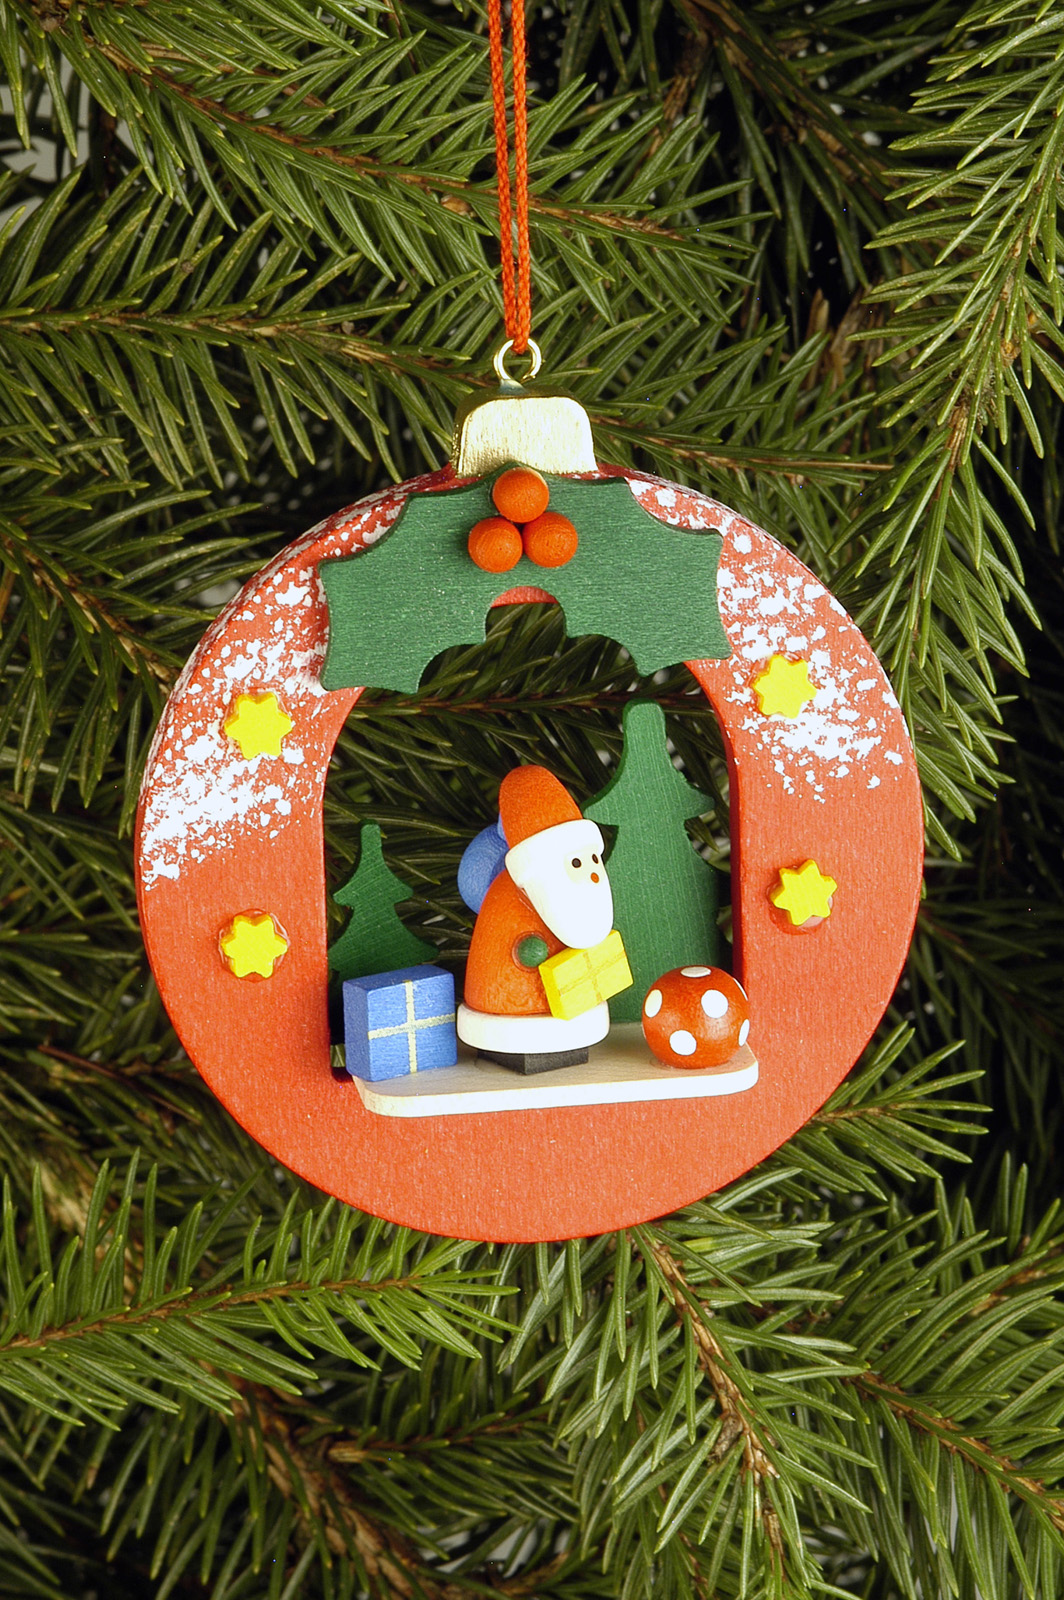 Baumbehang Kugel mit Weihnachtsmann